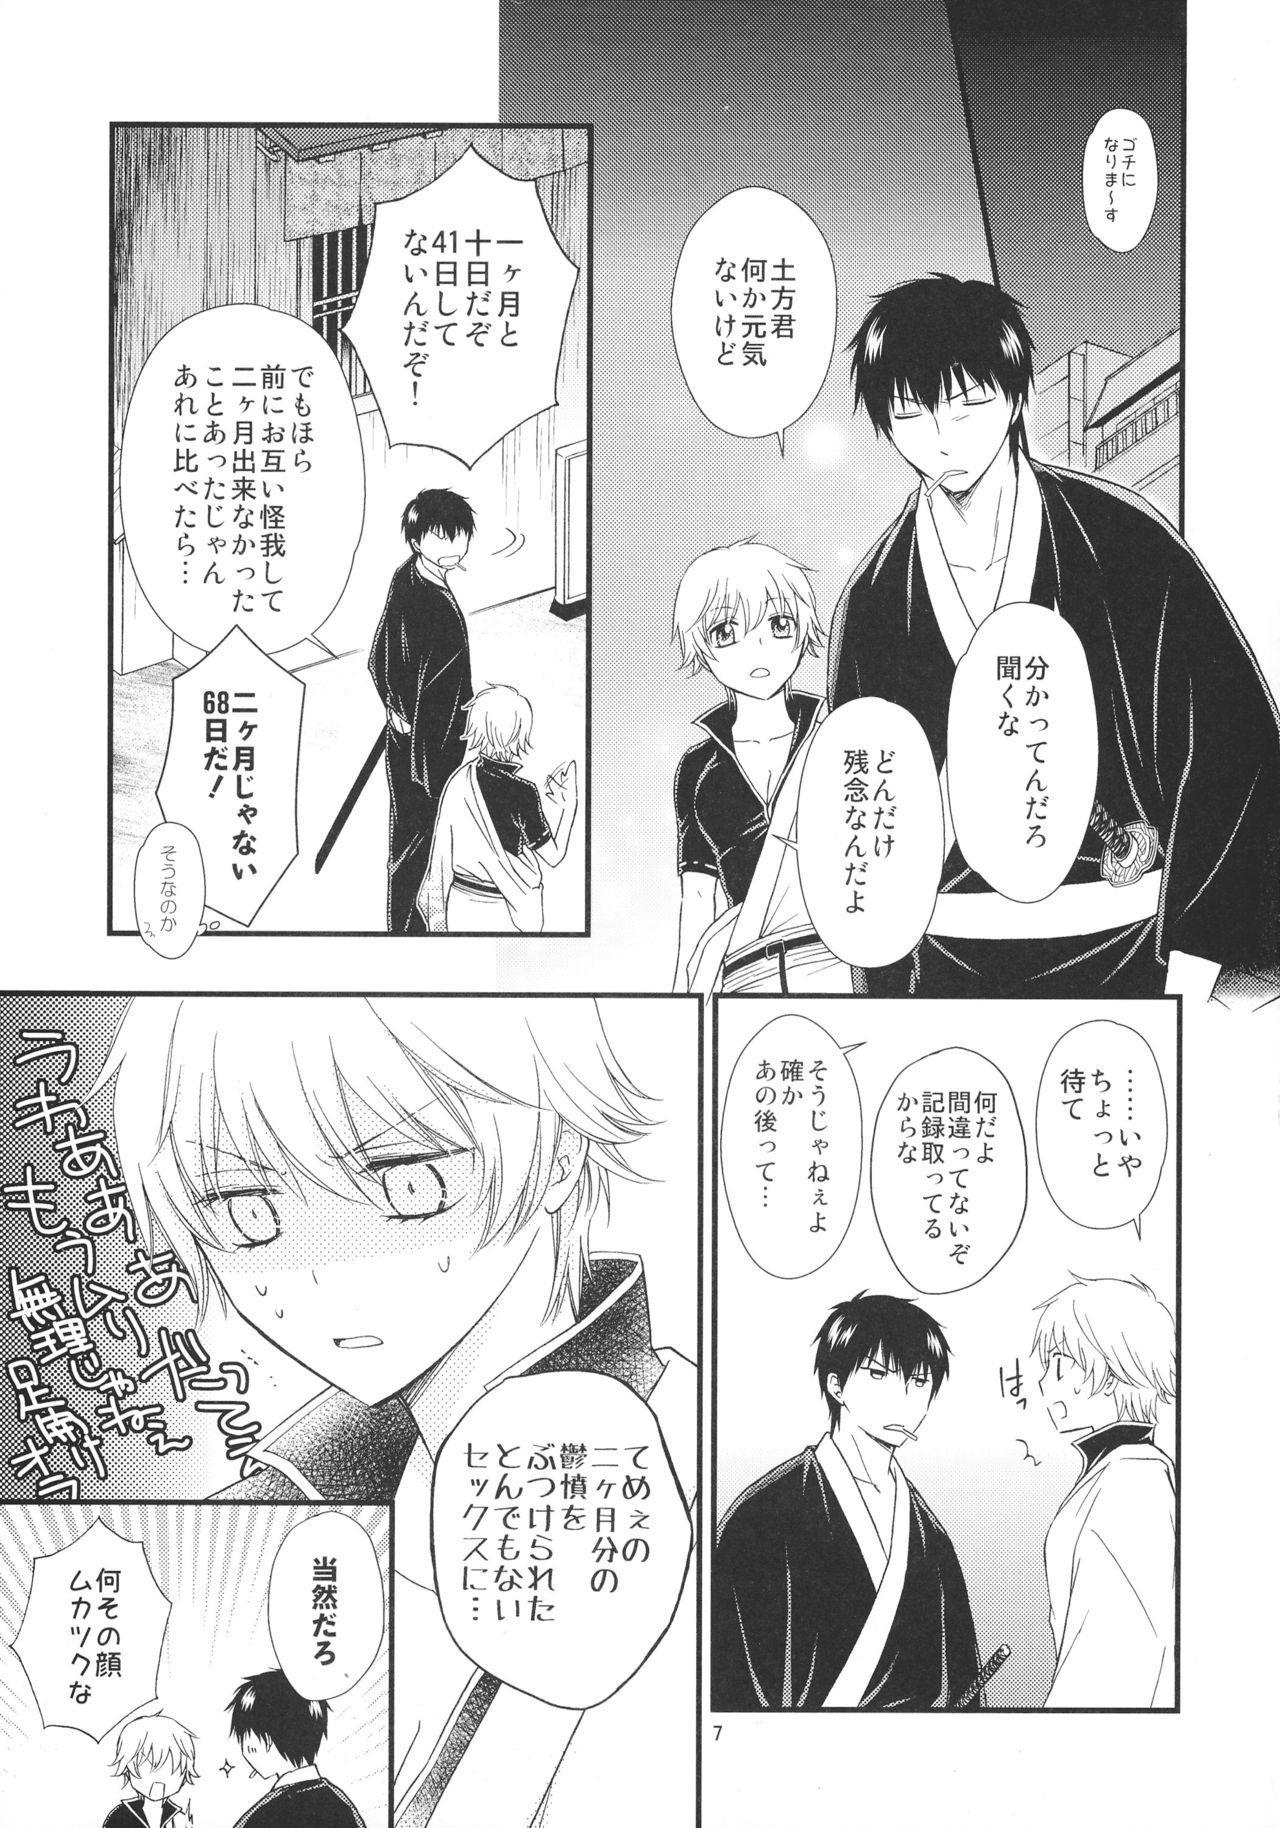 Ginko-san o Medetaosu Hon. 2 6